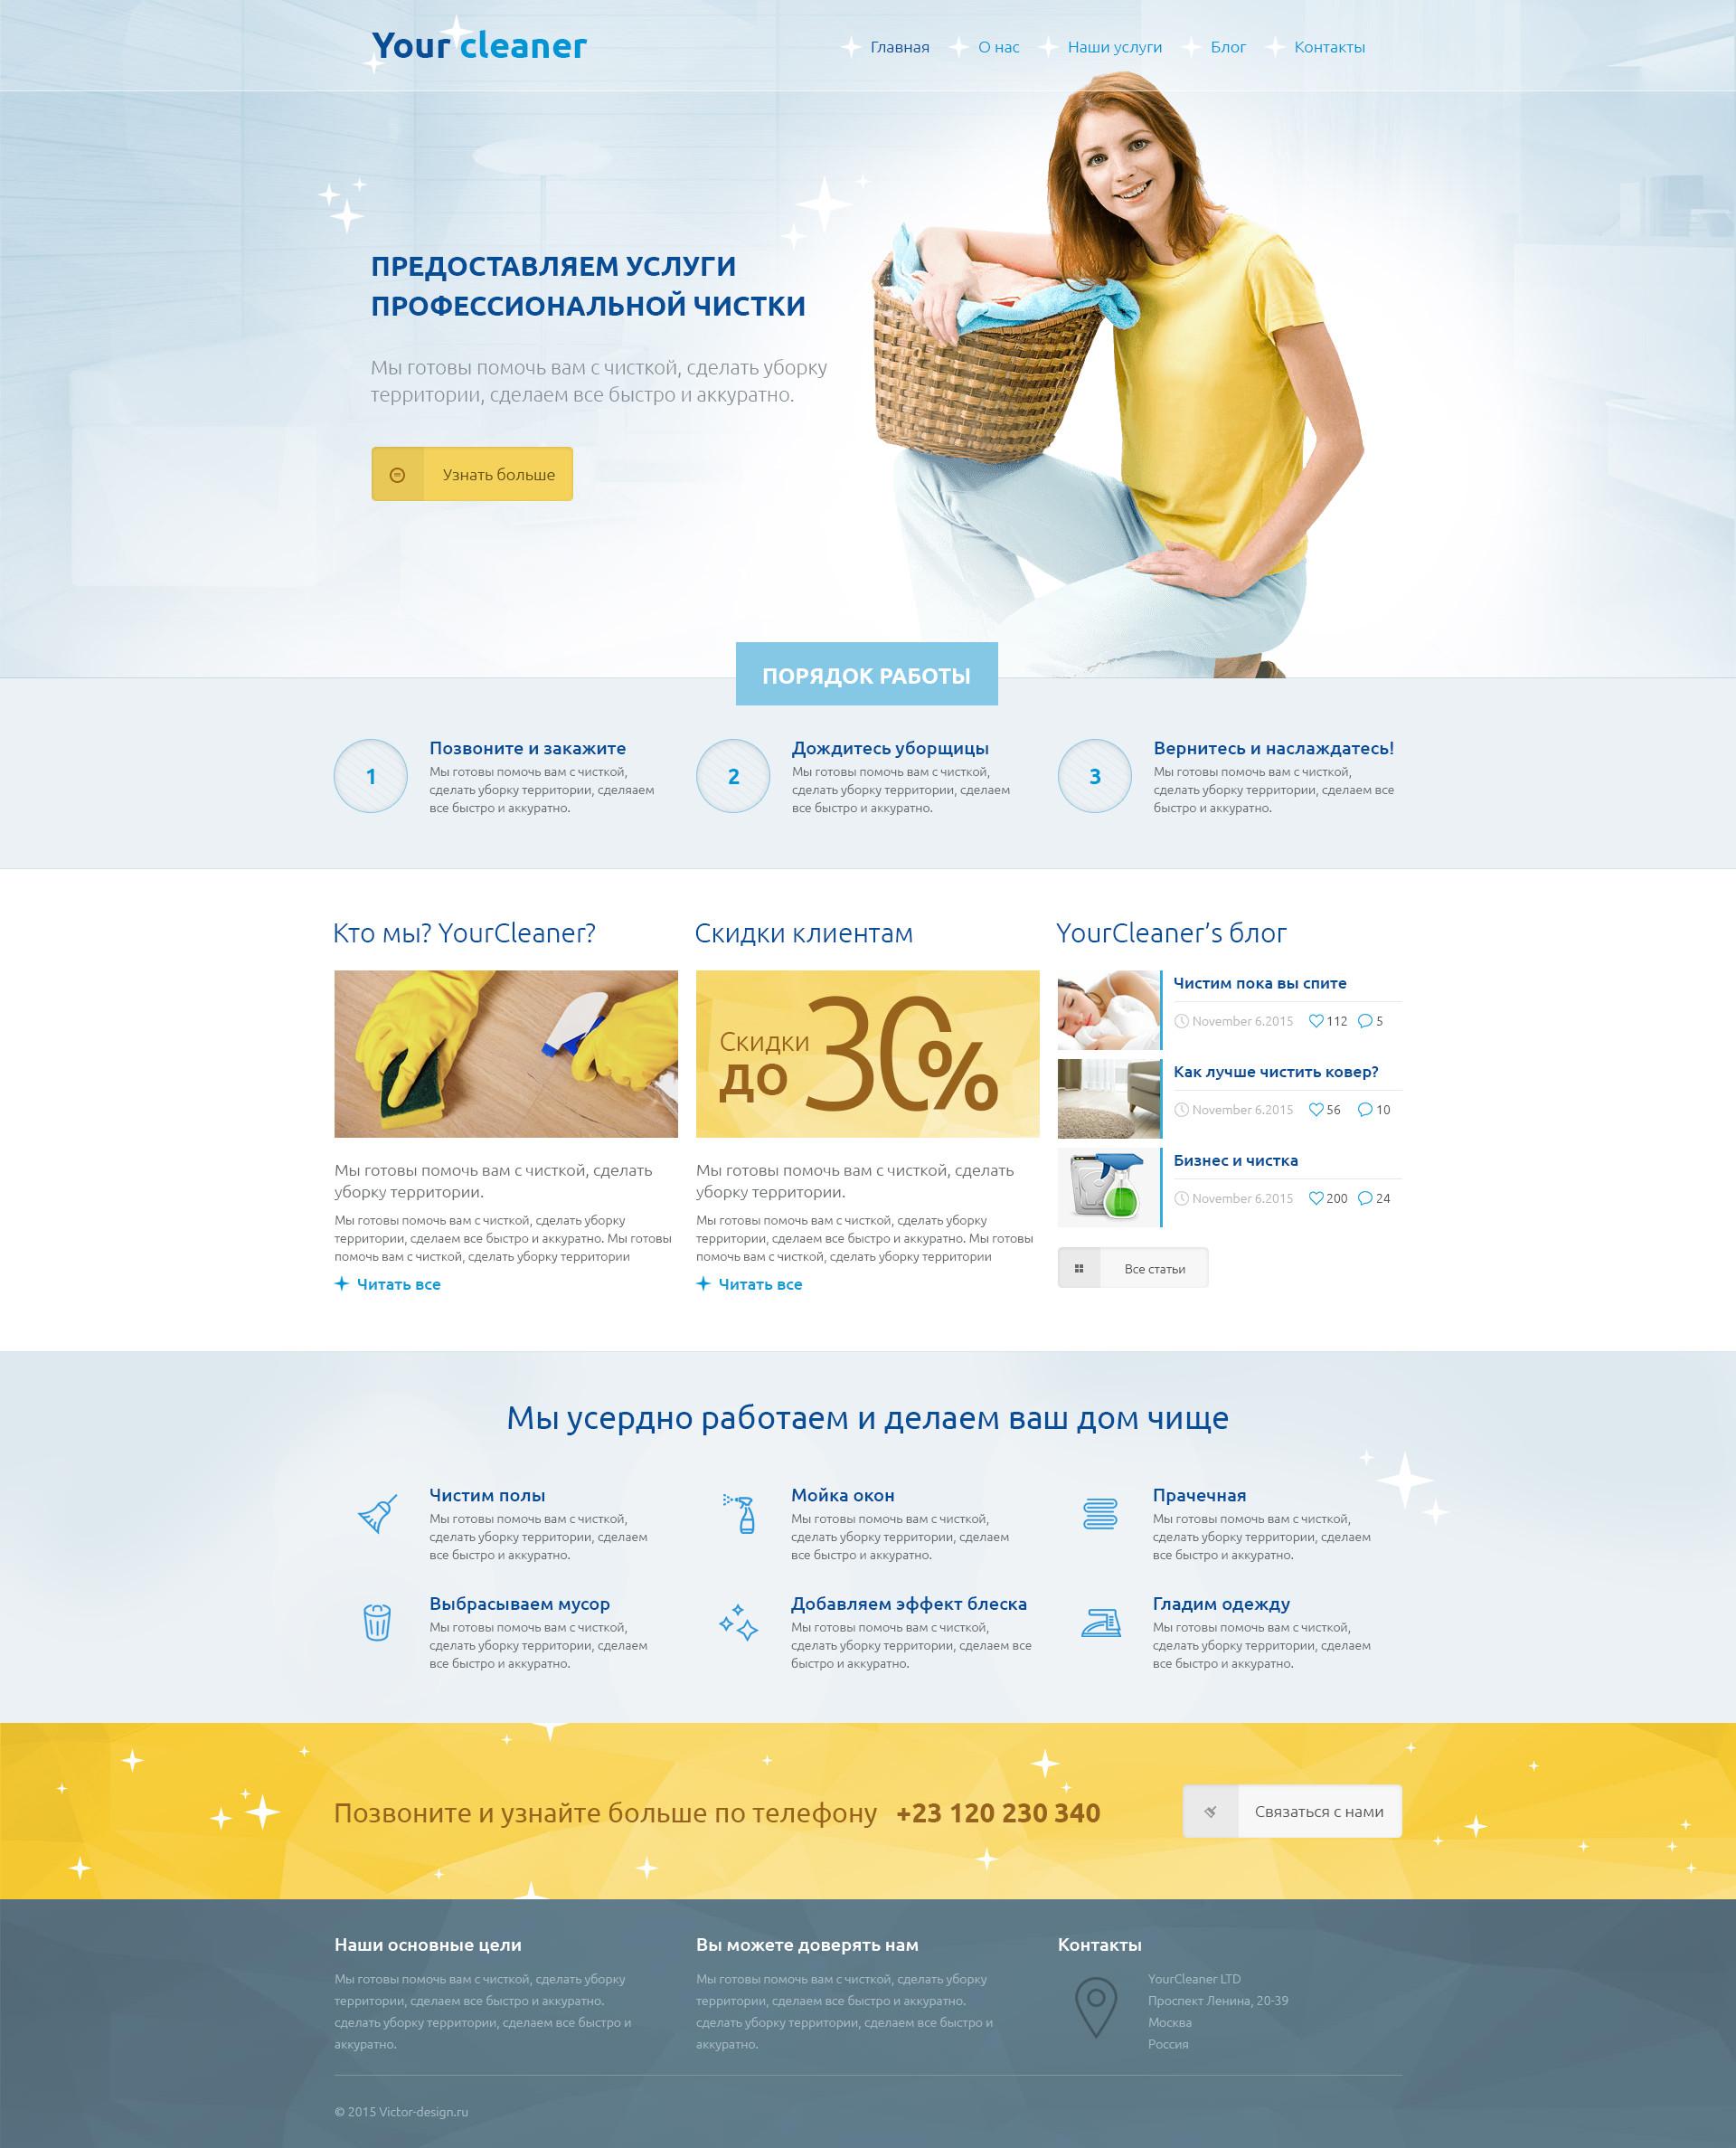 Дизайн сайта для клининговой службы